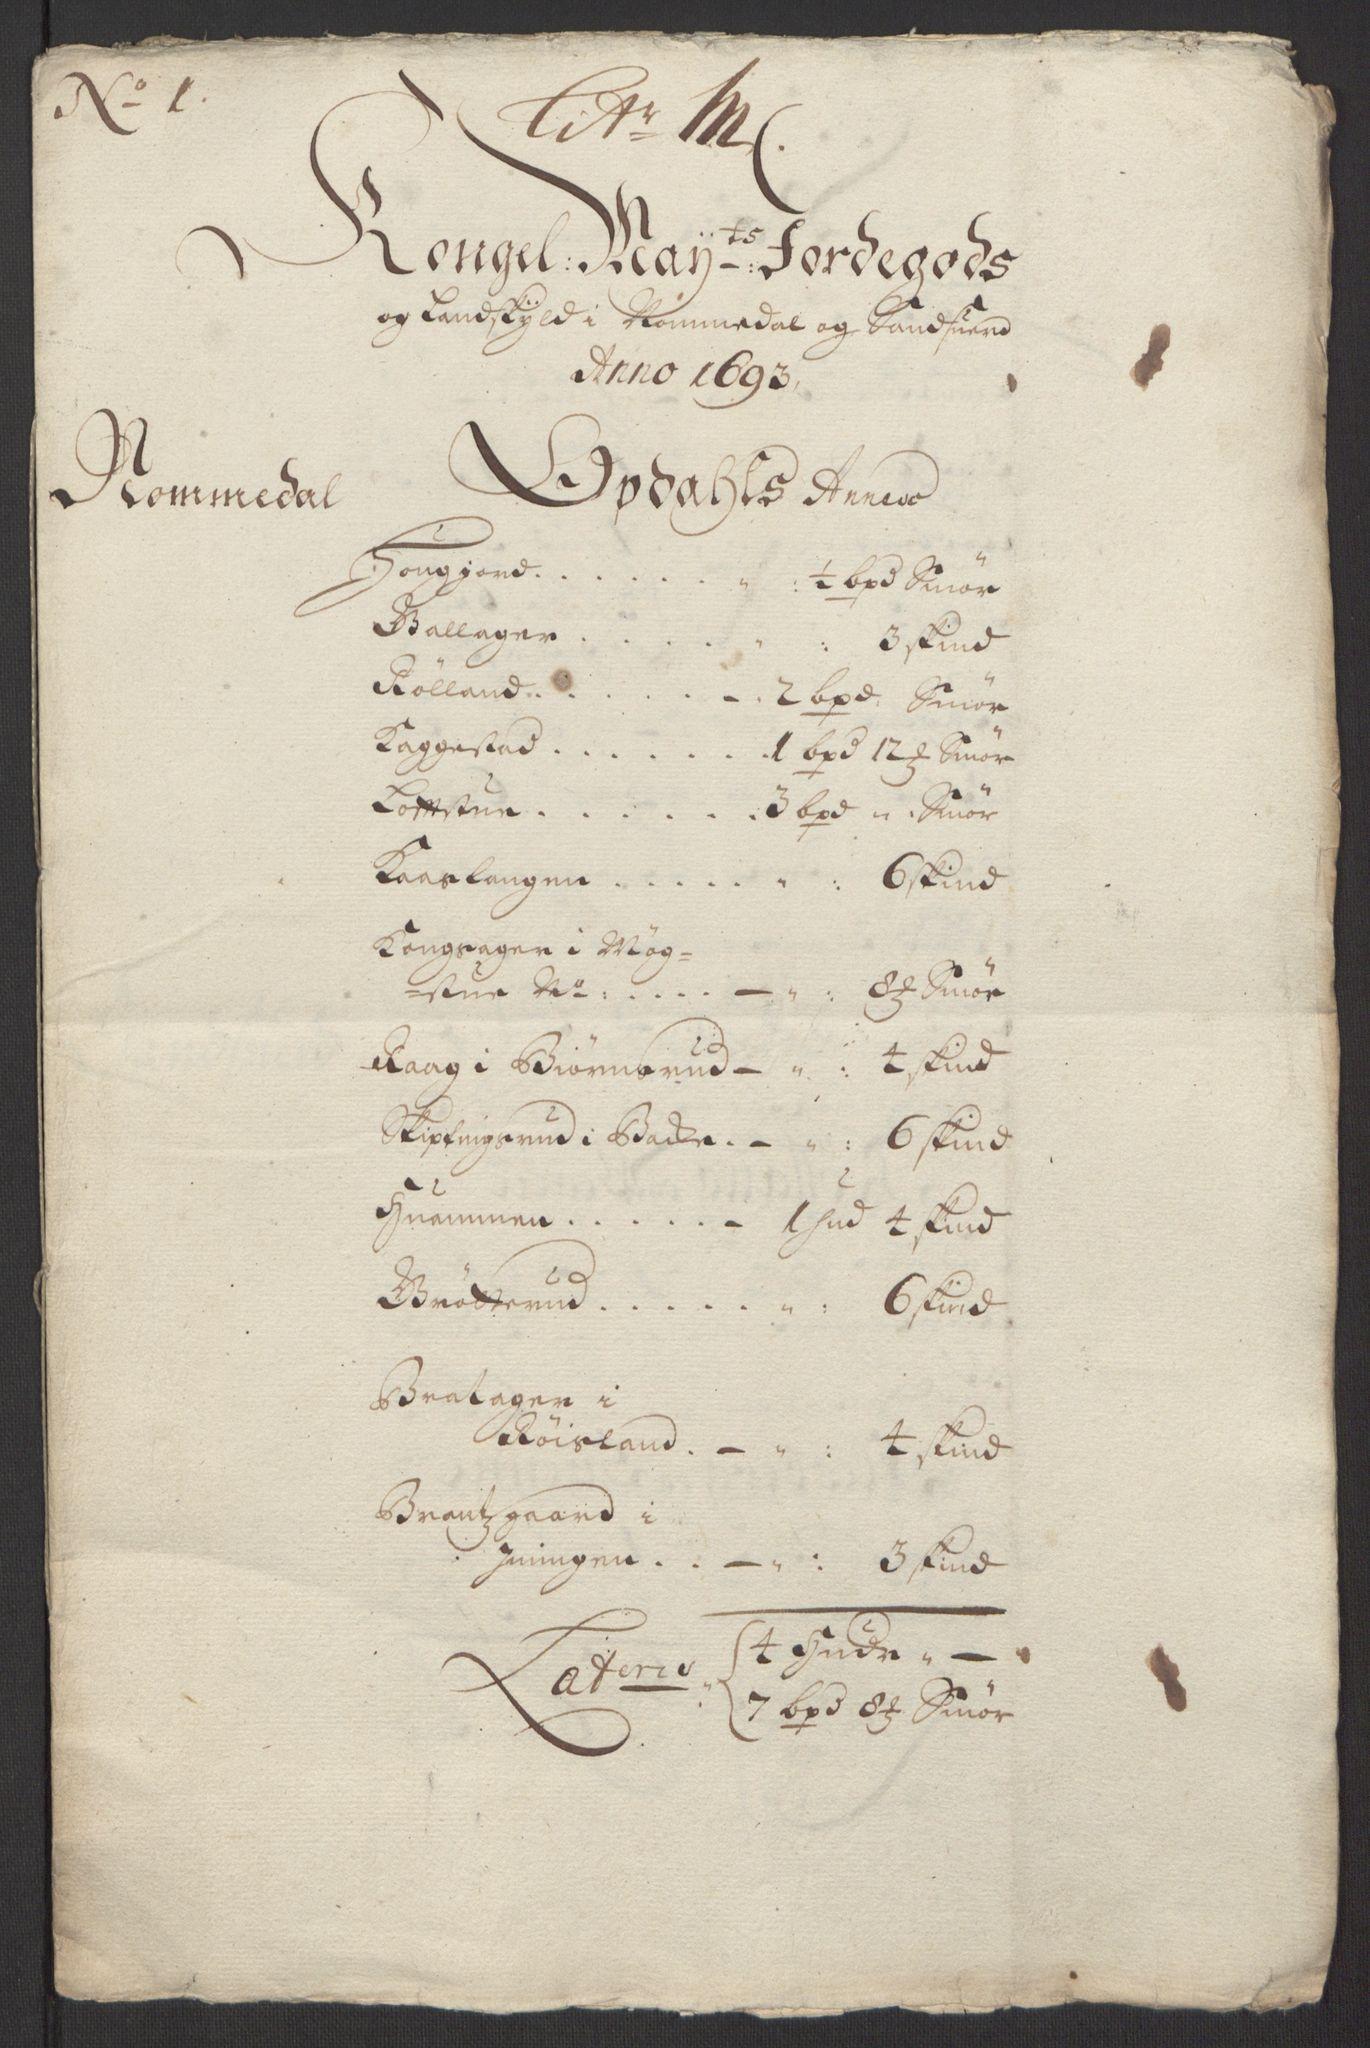 RA, Rentekammeret inntil 1814, Reviderte regnskaper, Fogderegnskap, R24/L1575: Fogderegnskap Numedal og Sandsvær, 1692-1695, s. 124